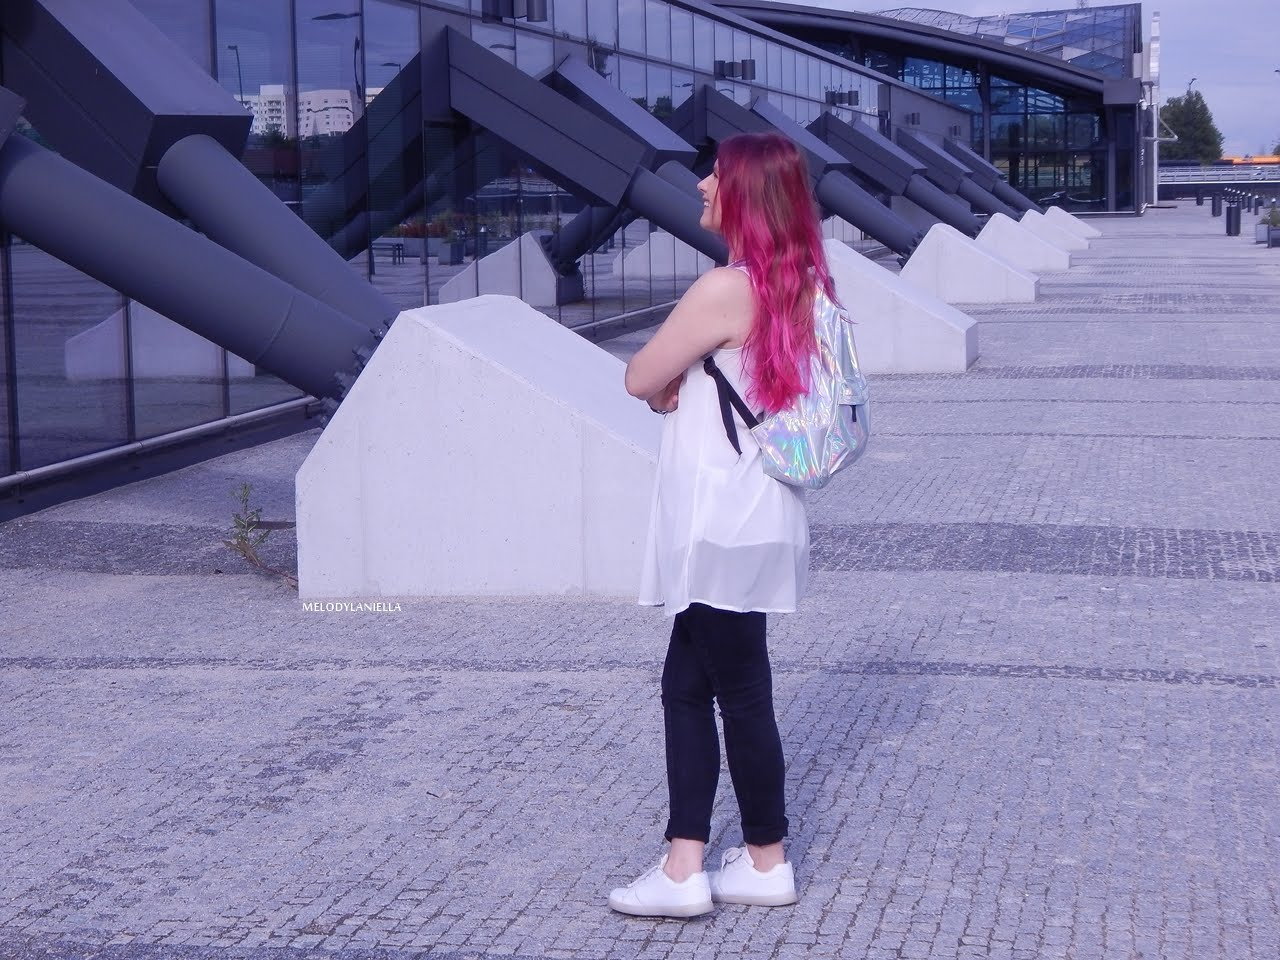 10 holograficzny plecak betterlook.pl farby venita różowe włosy jak pofarbować włosy kolorowe włosy ombre pink hair paul rich watches zegarek czarne jeansy z dziurami modna polka lookbook